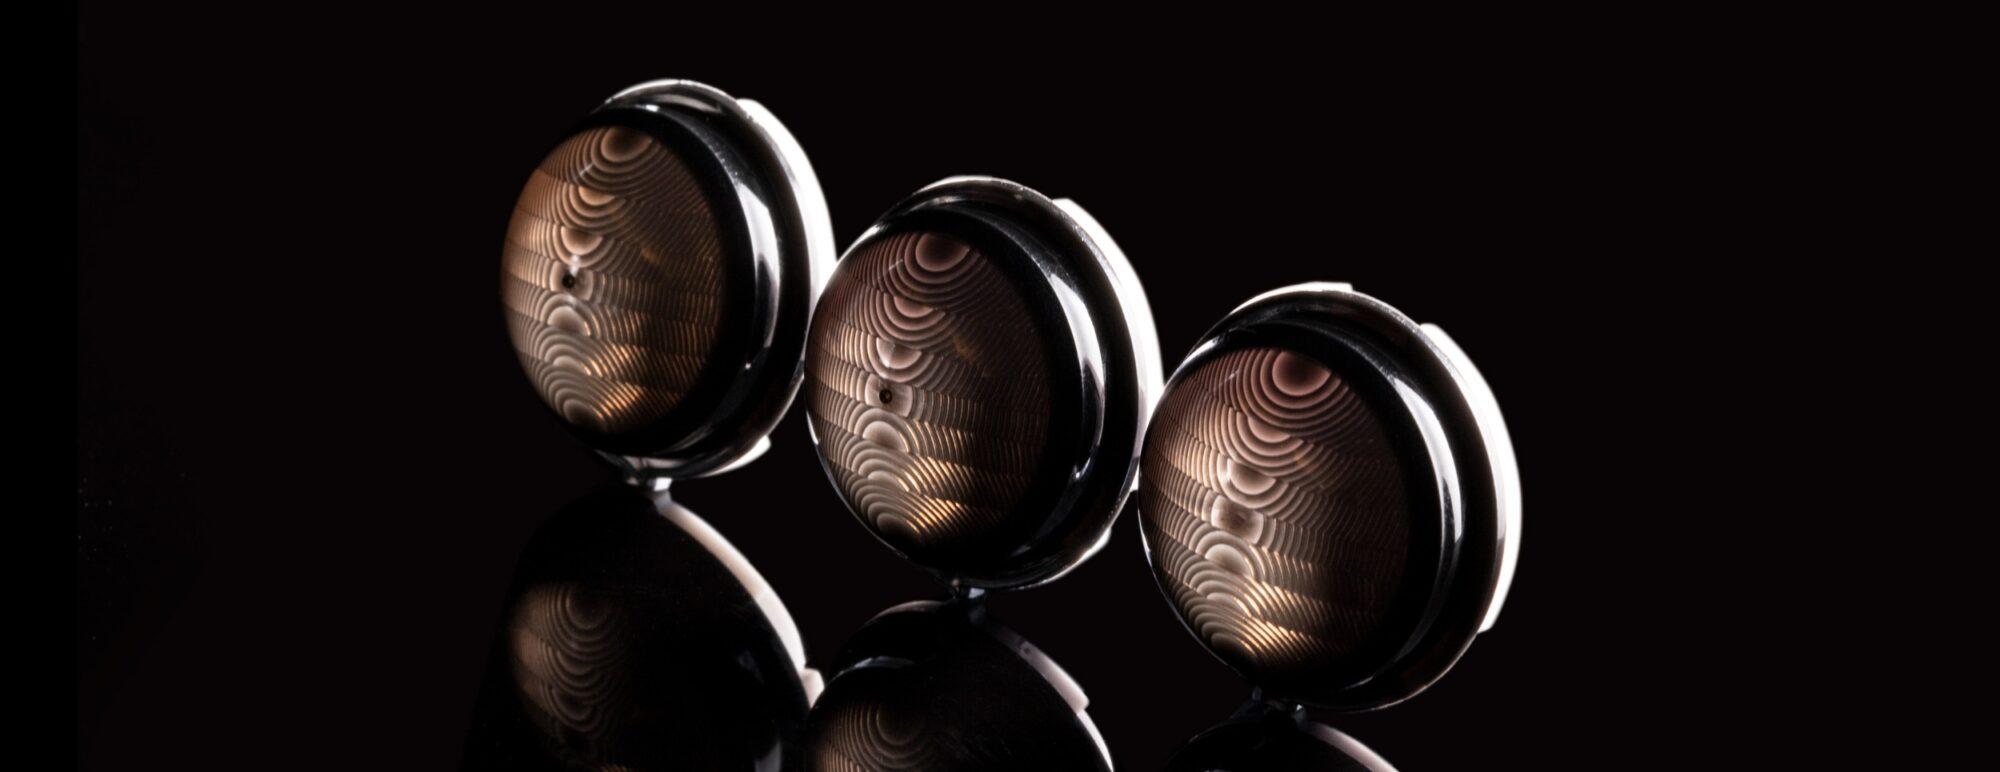 Domed Cap lenses - Design & Development